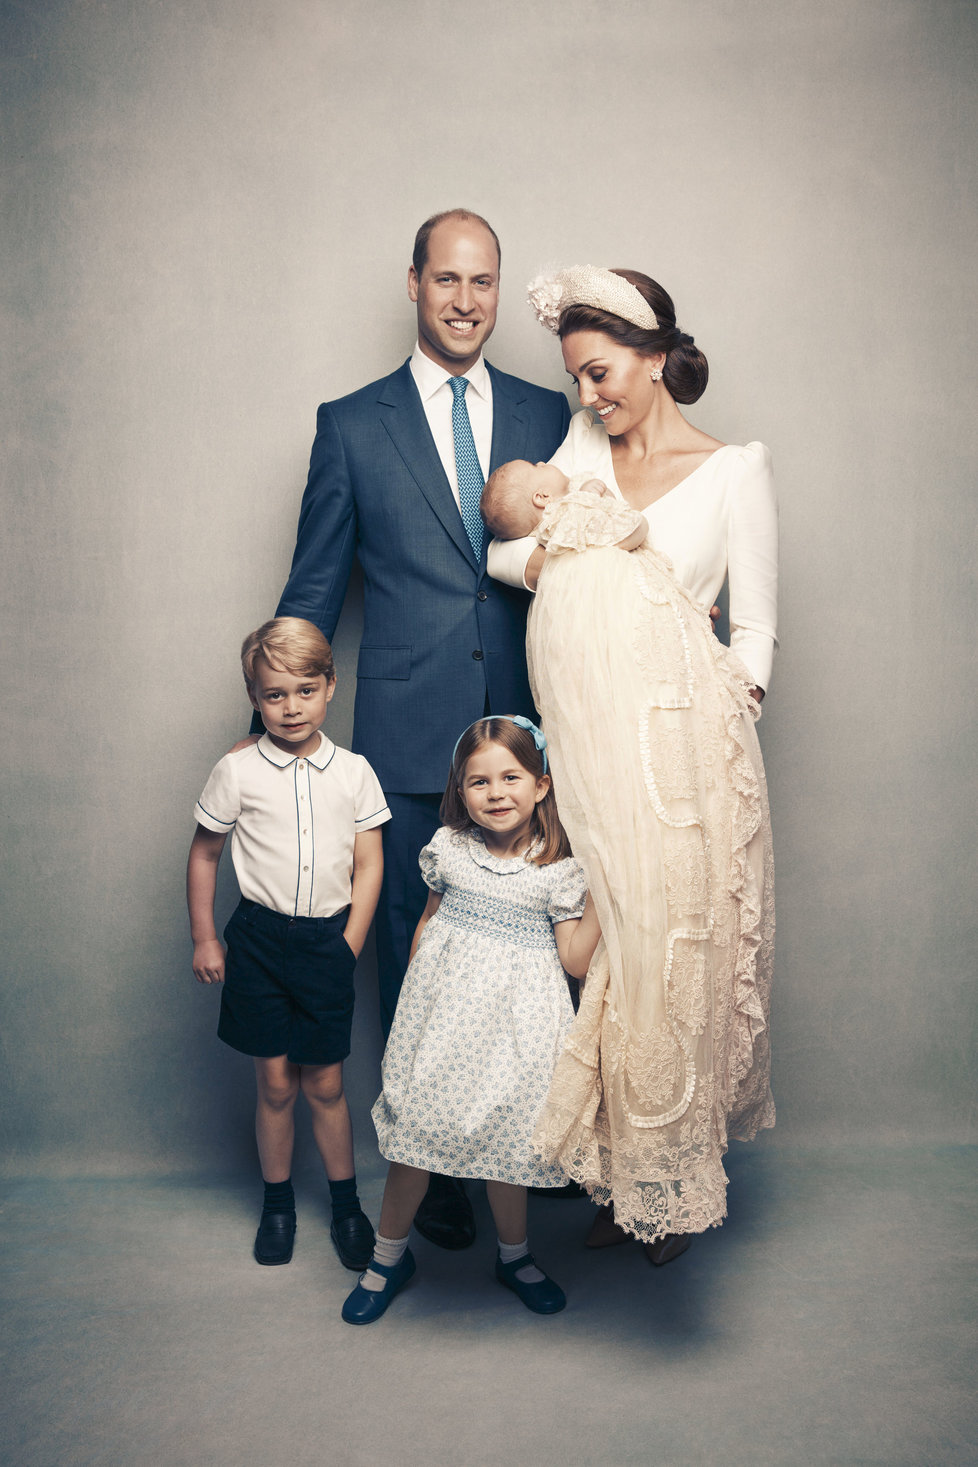 Oficiální fotografie ze křtu prince Louise: Princ William, vévodkyně Kate, princ George, princezna Charlotte a princ Louis v náručí maminky